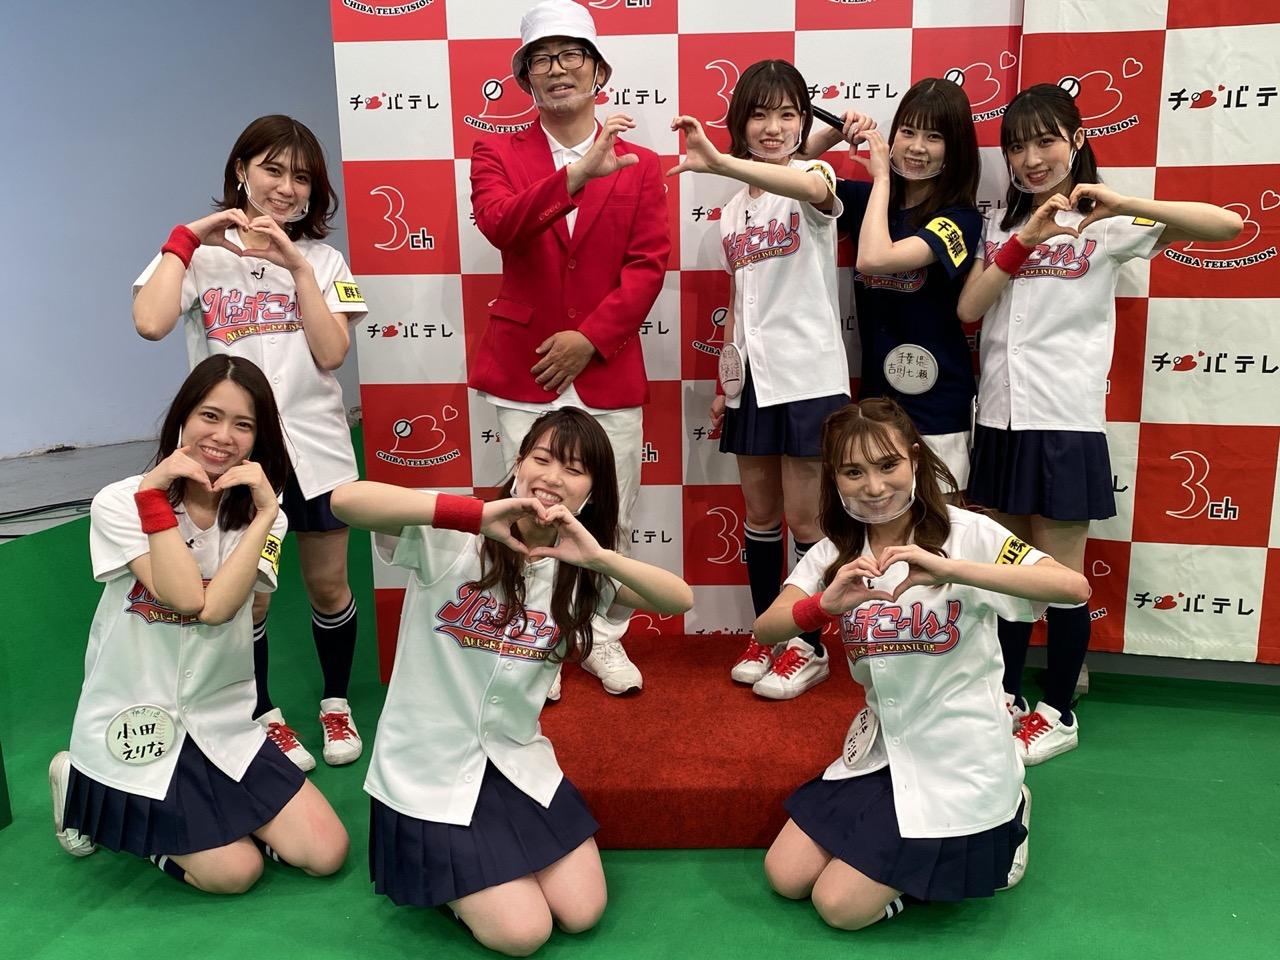 「AKB48チーム8のKANTO白書 バッチこーい!」#87:バッチバチ!祝!チーム8ツアーファイナル【チバテレ】